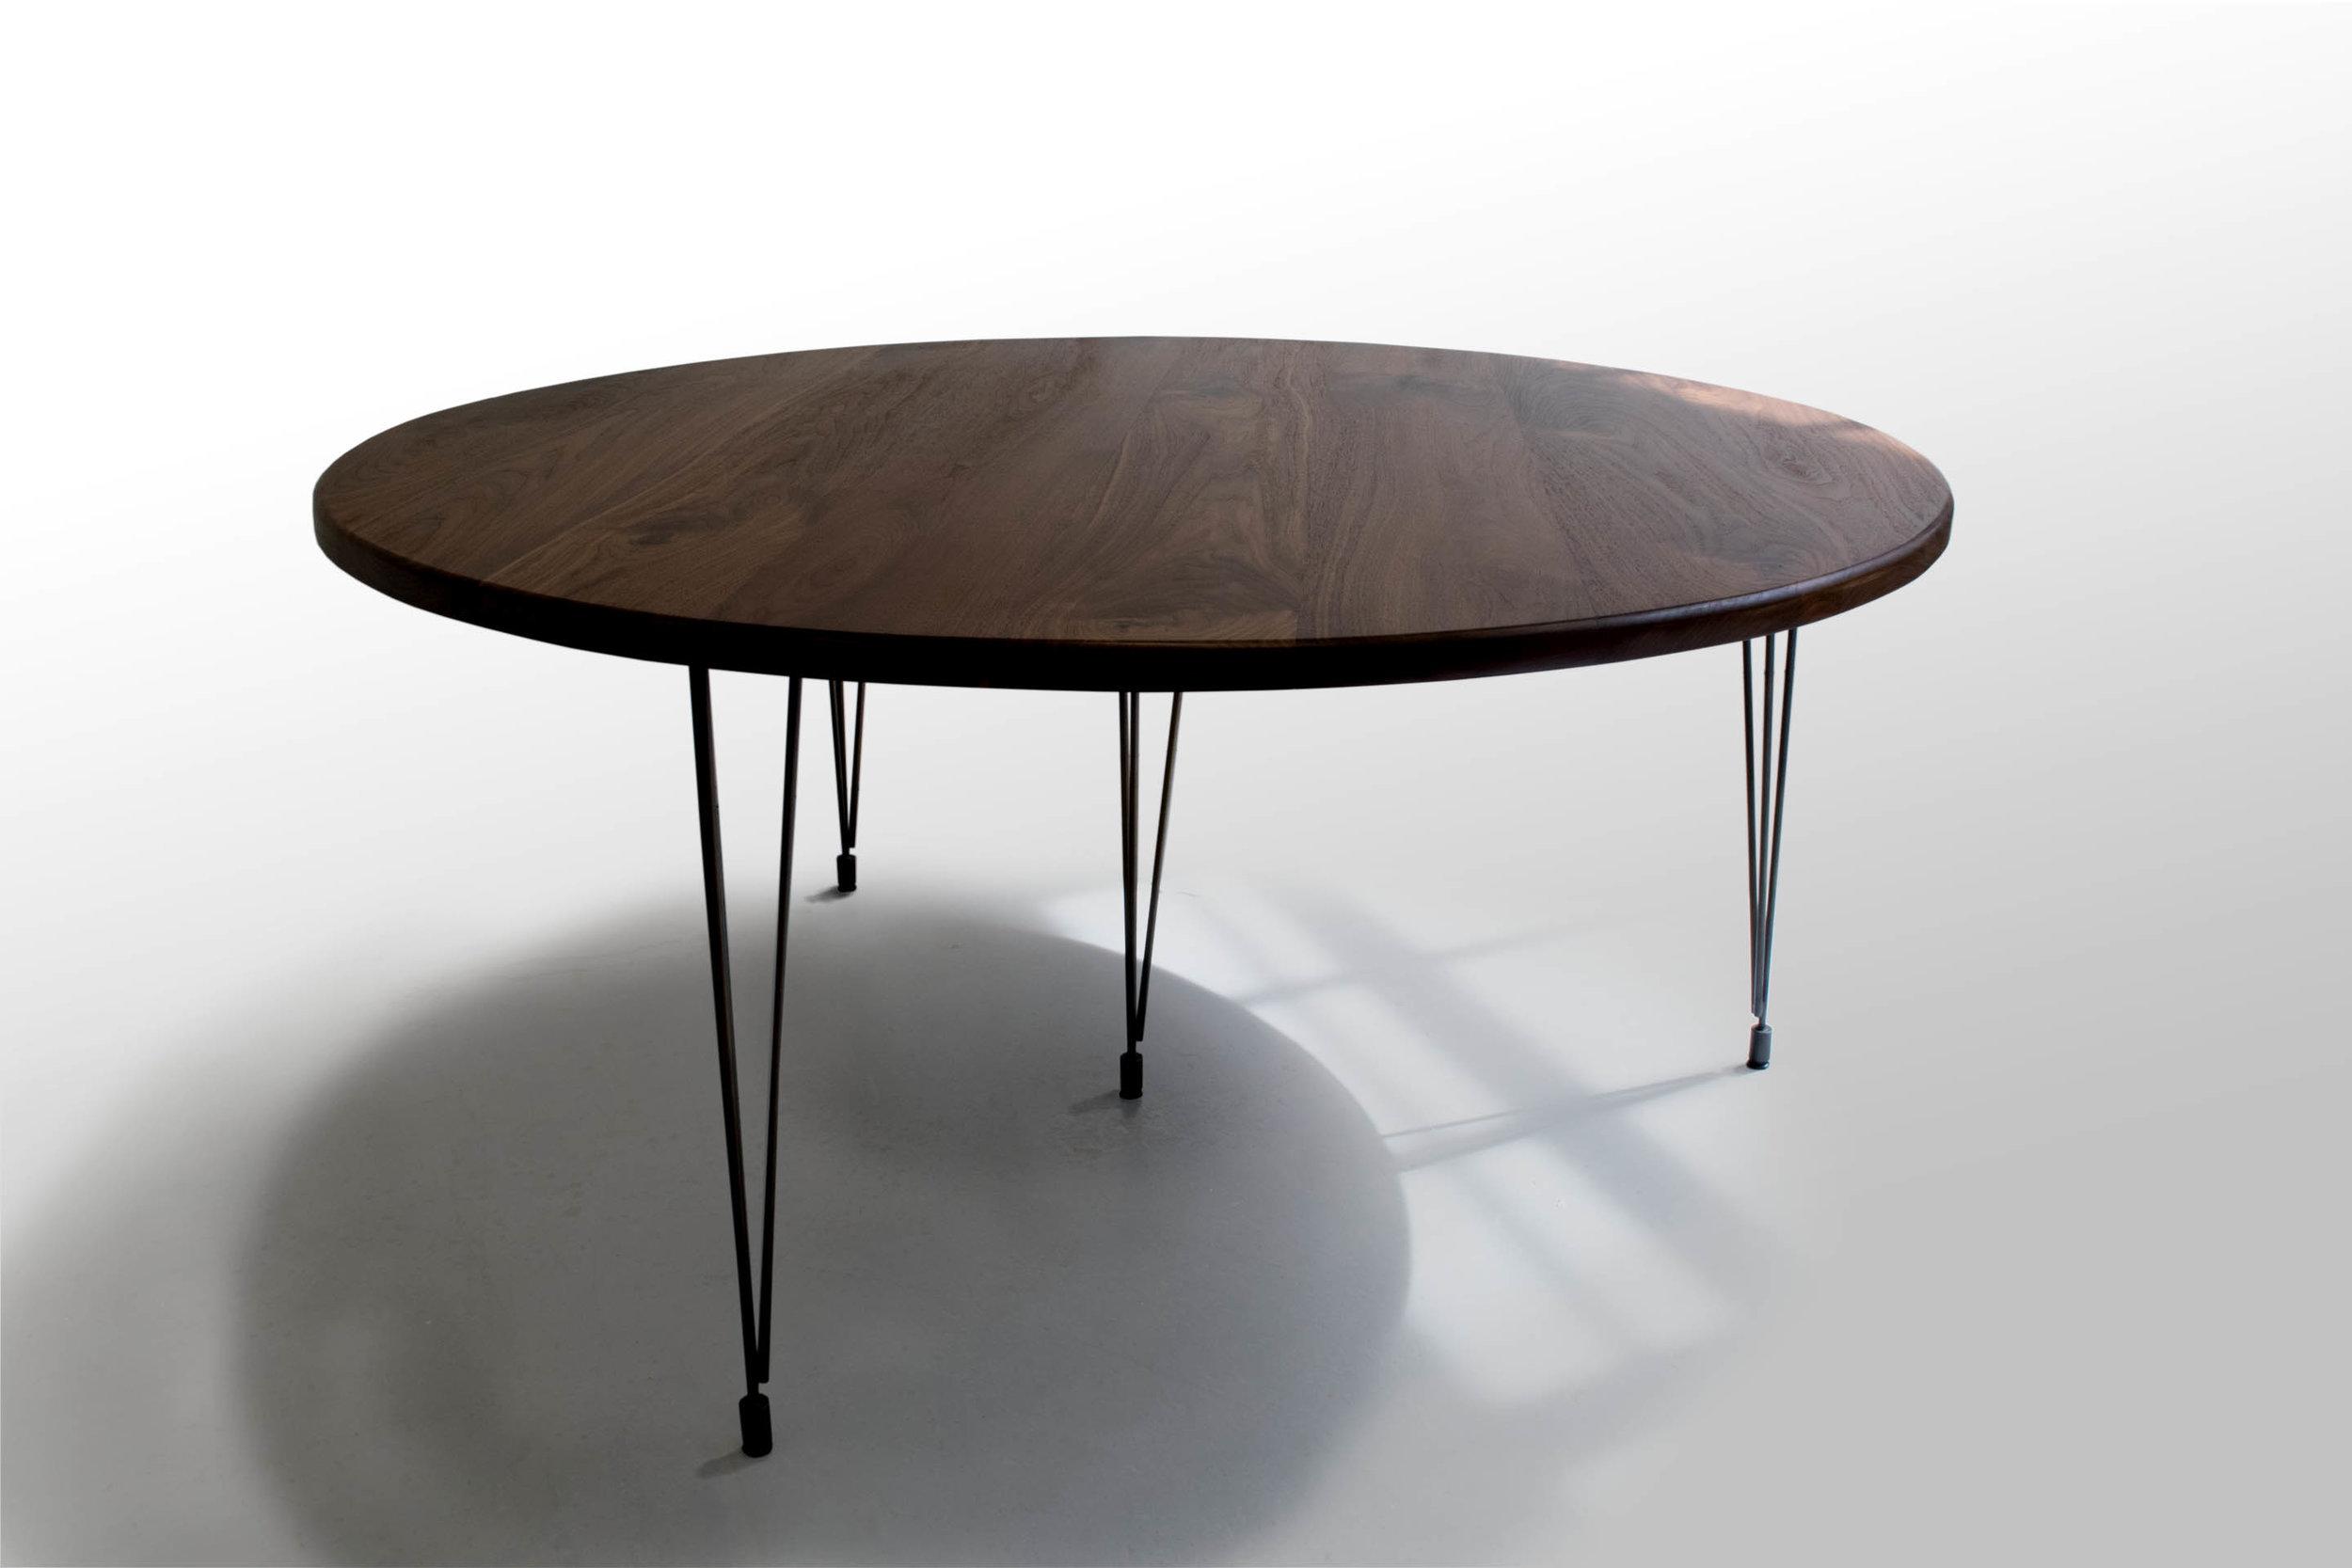 62 inch round walnut table low.jpg